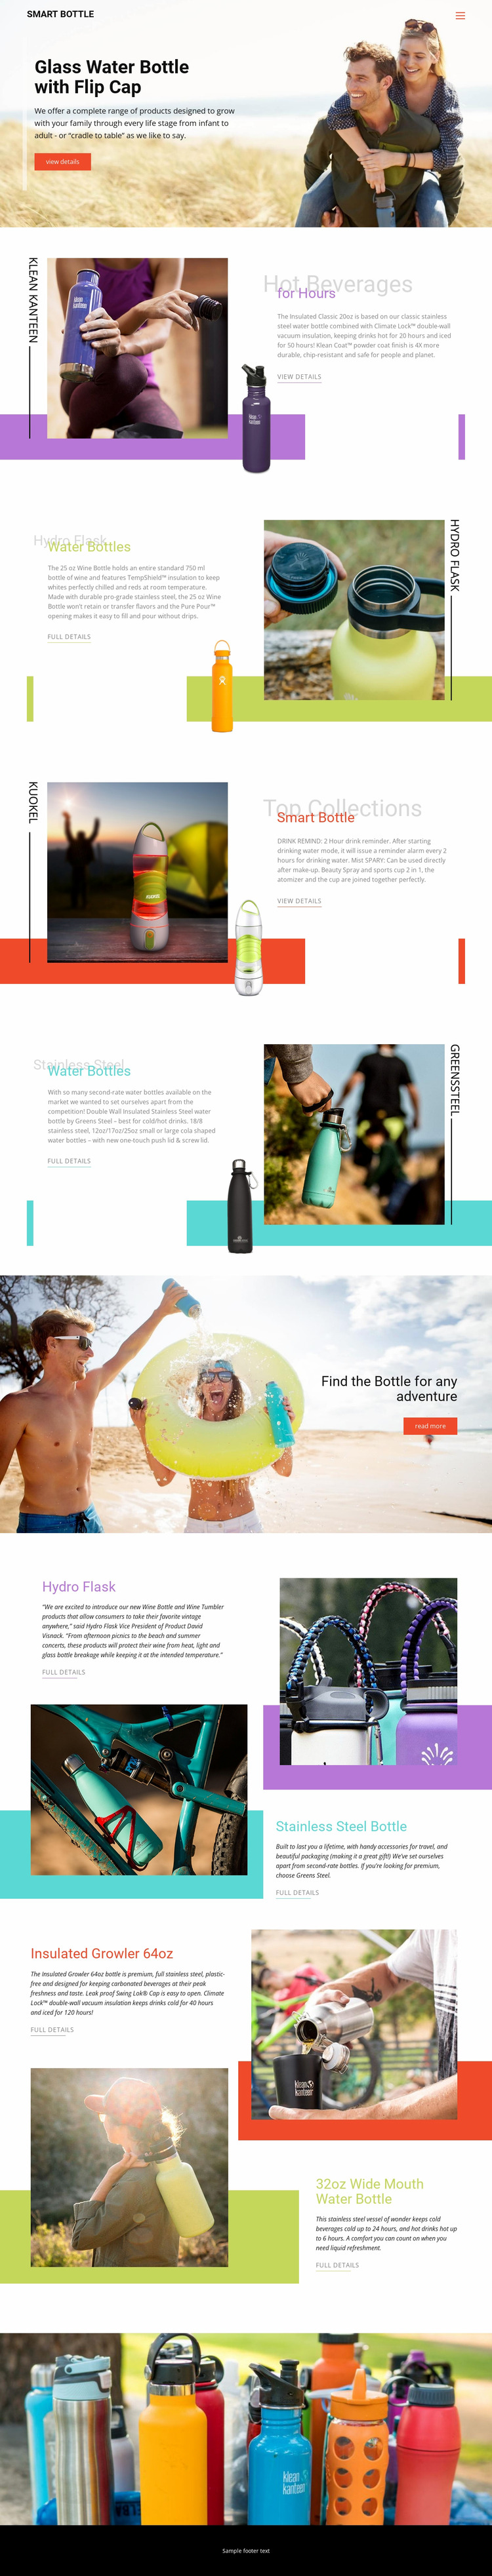 Water Bottles WordPress Website Builder